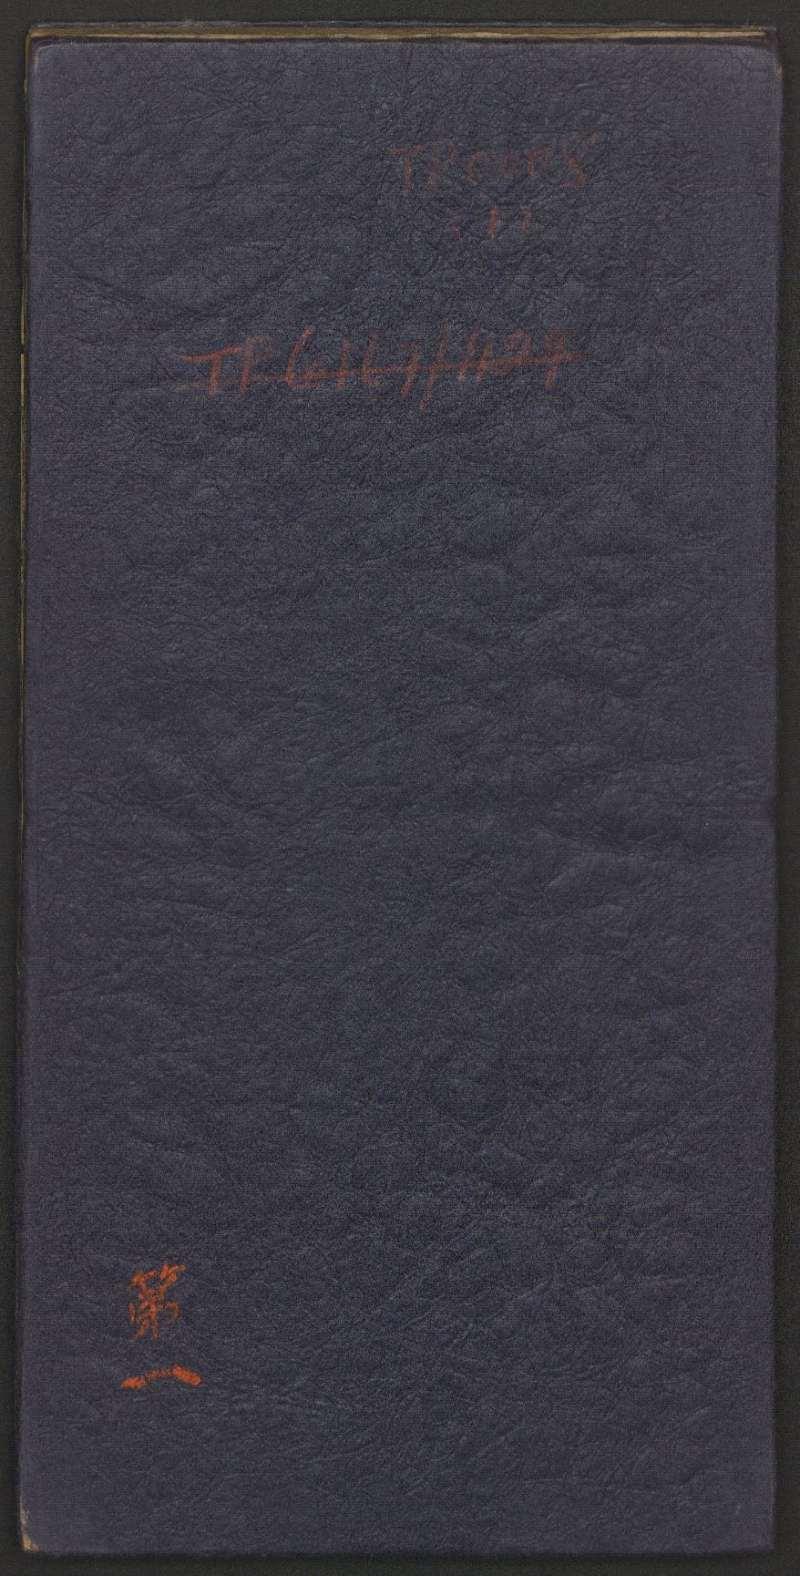 郁冈斋墨妙.10卷.万历39年王肯堂辑.管驷卿镌刻.清嘉庆拓本